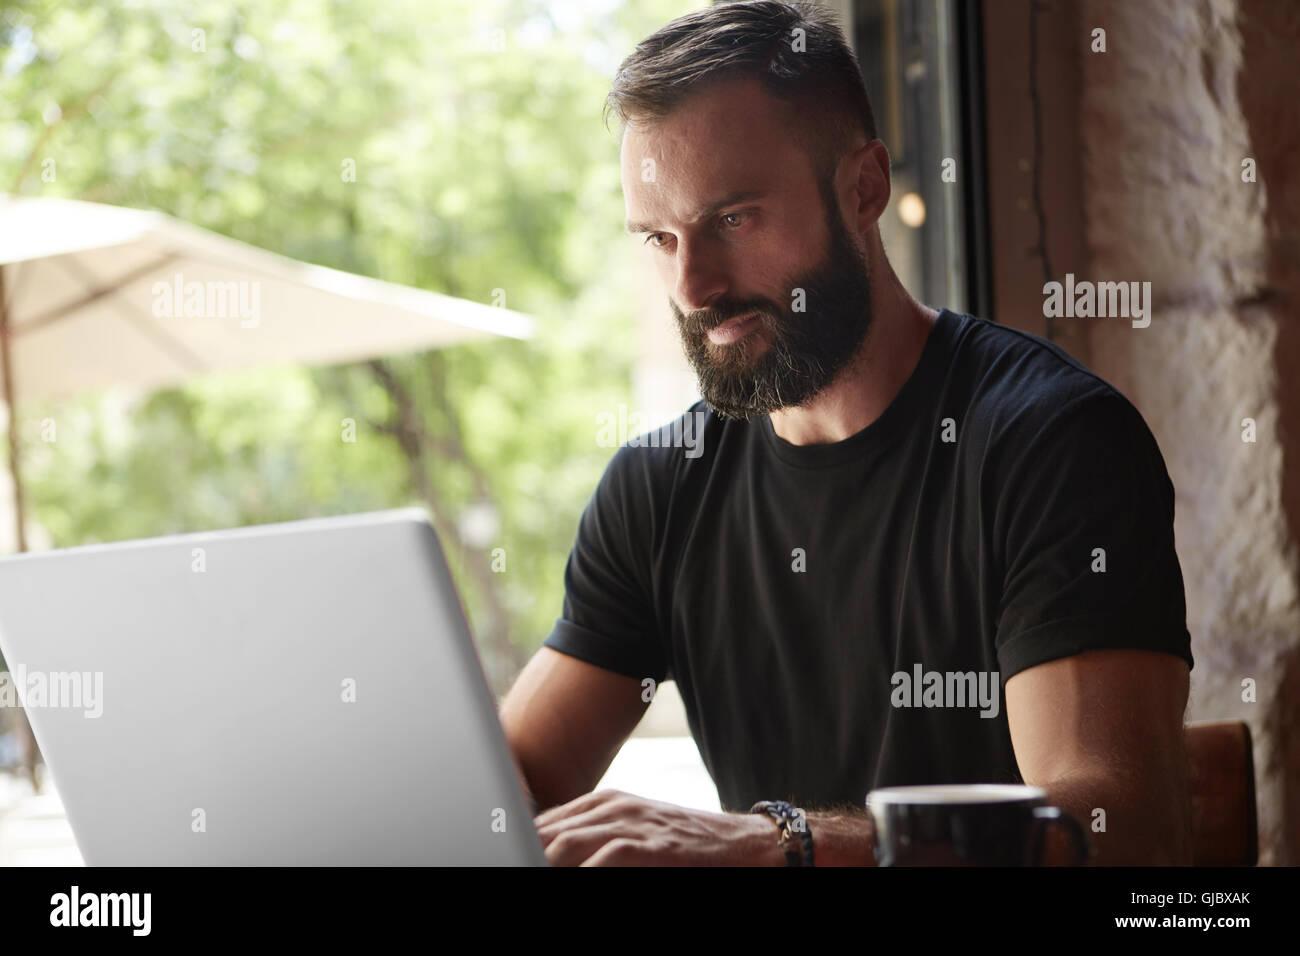 Concentrato Uomo Barbuto vestita di nero Tshirt Notebook di lavoro tavolo in legno Urban Cafe.giovane manager Notebook Immagini Stock